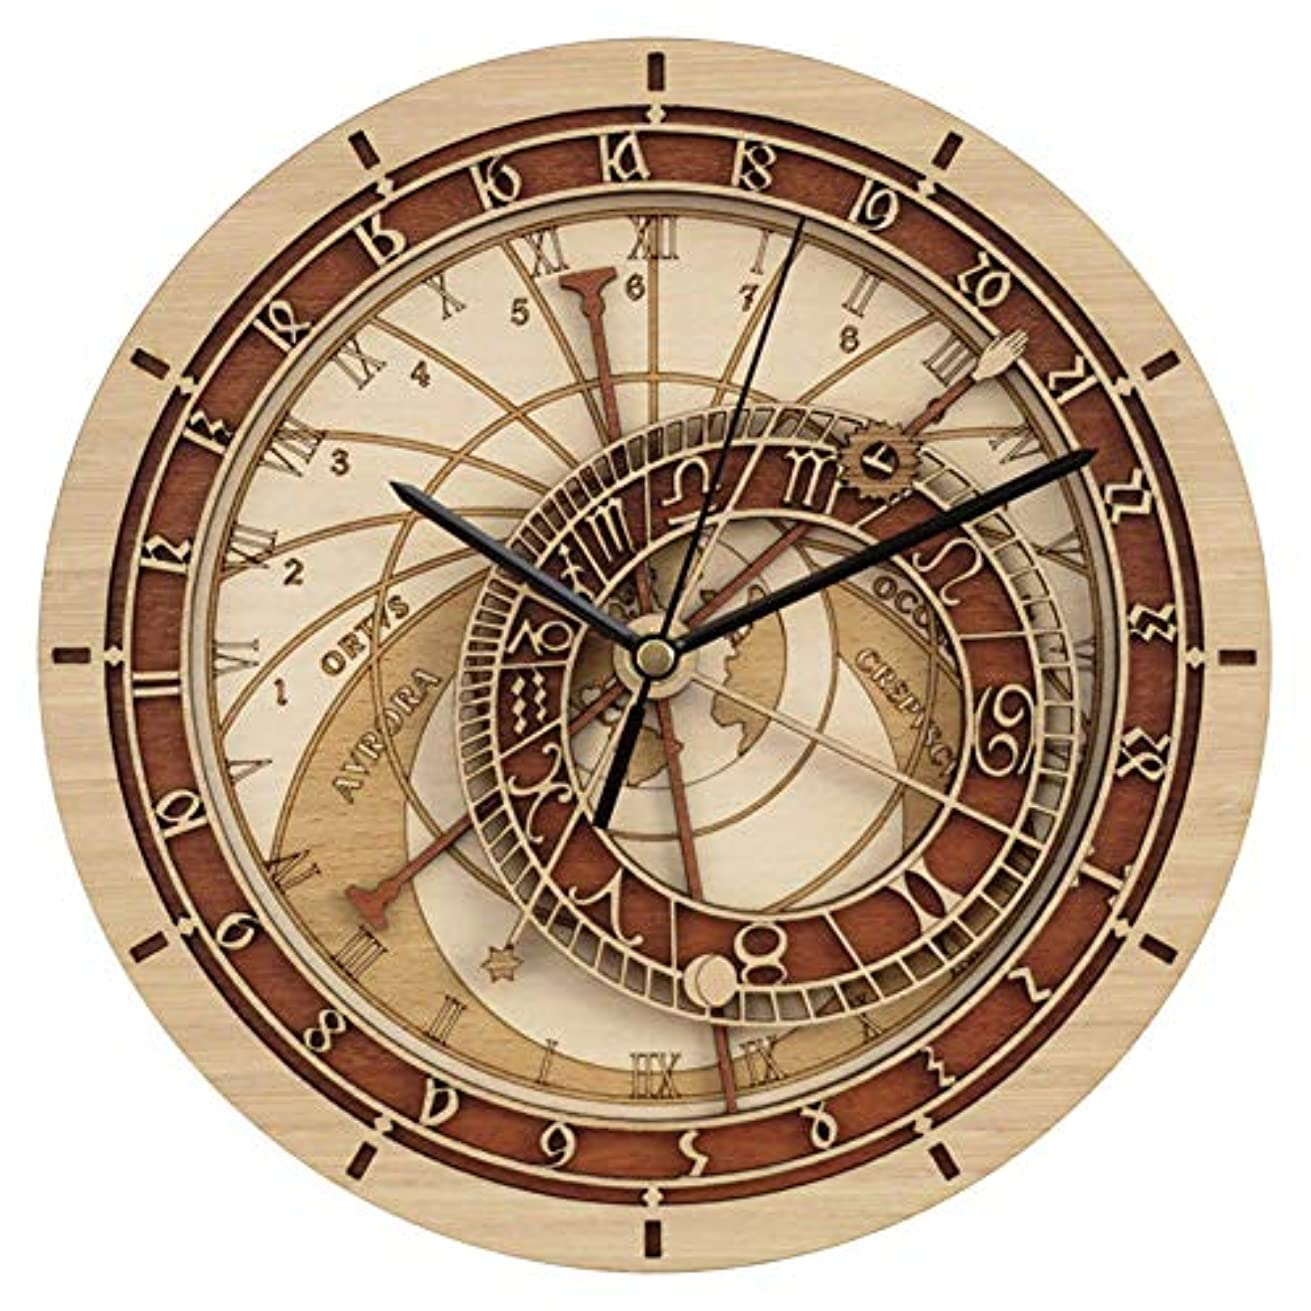 朝食を食べる満員優れたプラハ天文木製壁掛け時計、ラウンド12インチ/ 30CMフレームレス天文学12星座サイレントクォーツ時計、ファッションホームデコレーション壁掛け時